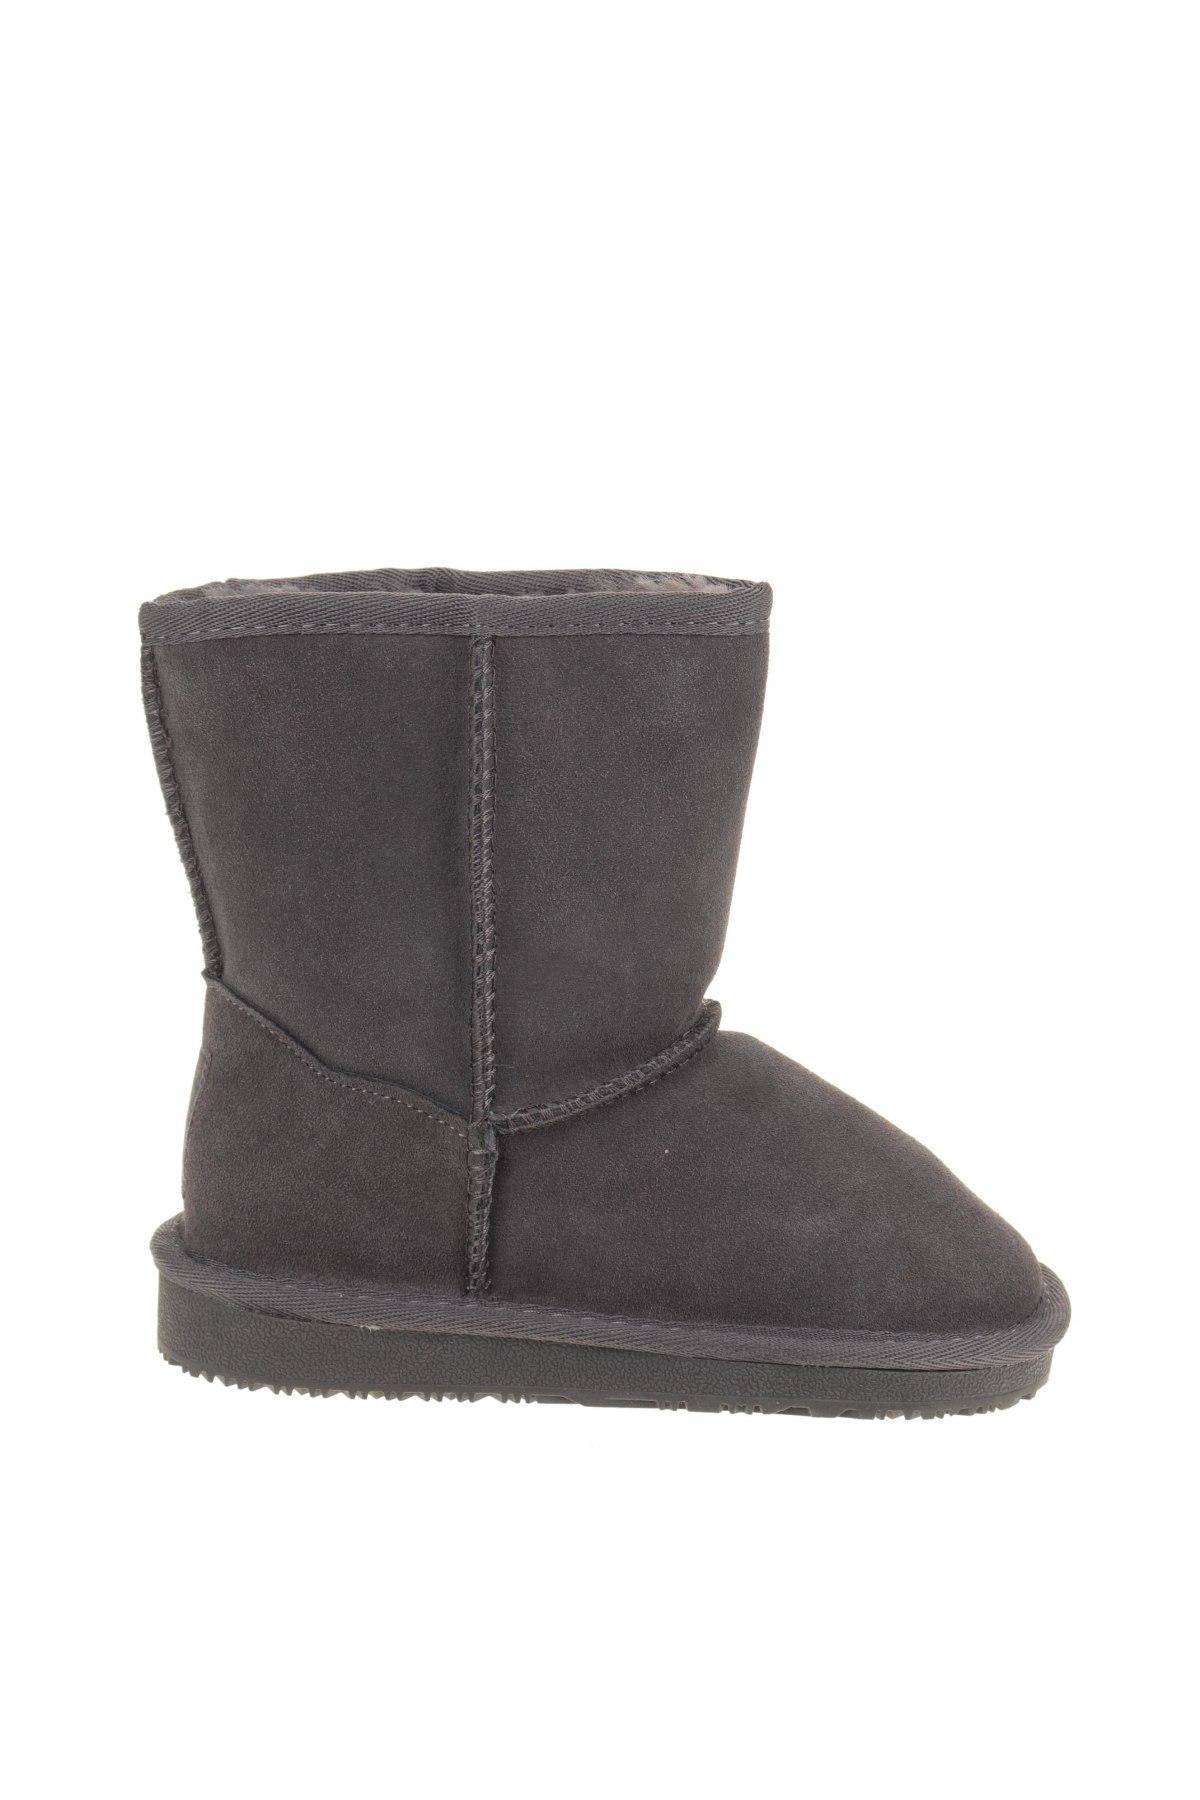 Παιδικά παπούτσια Gooce, Μέγεθος 31, Χρώμα Γκρί, Φυσικό σουέτ, Τιμή 57,60€